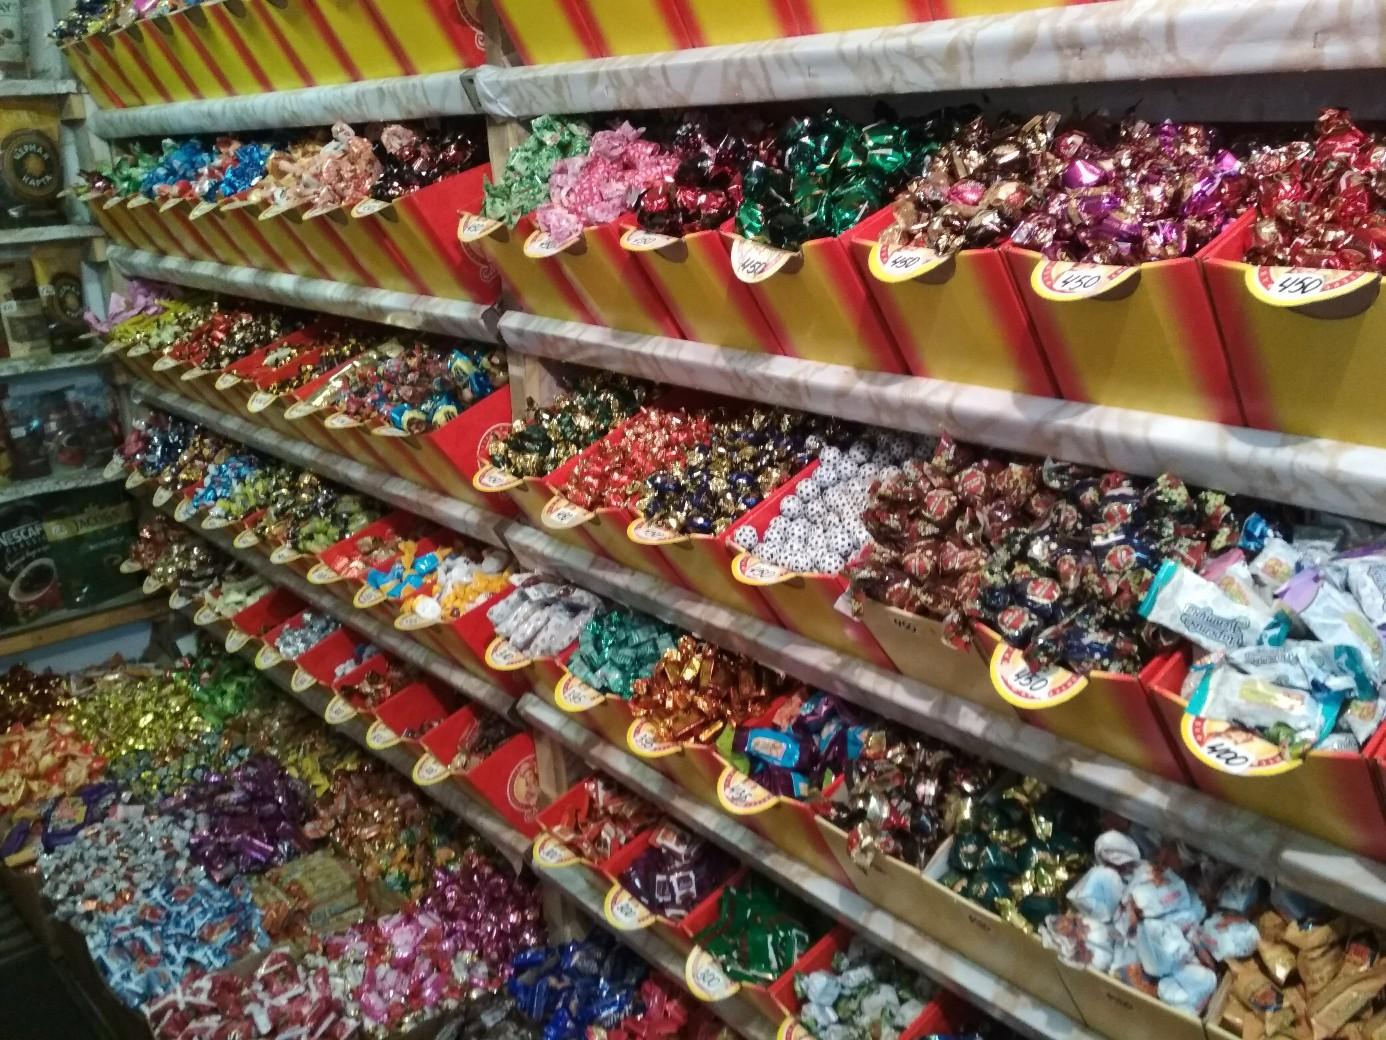 магазин конфет картинки пускали